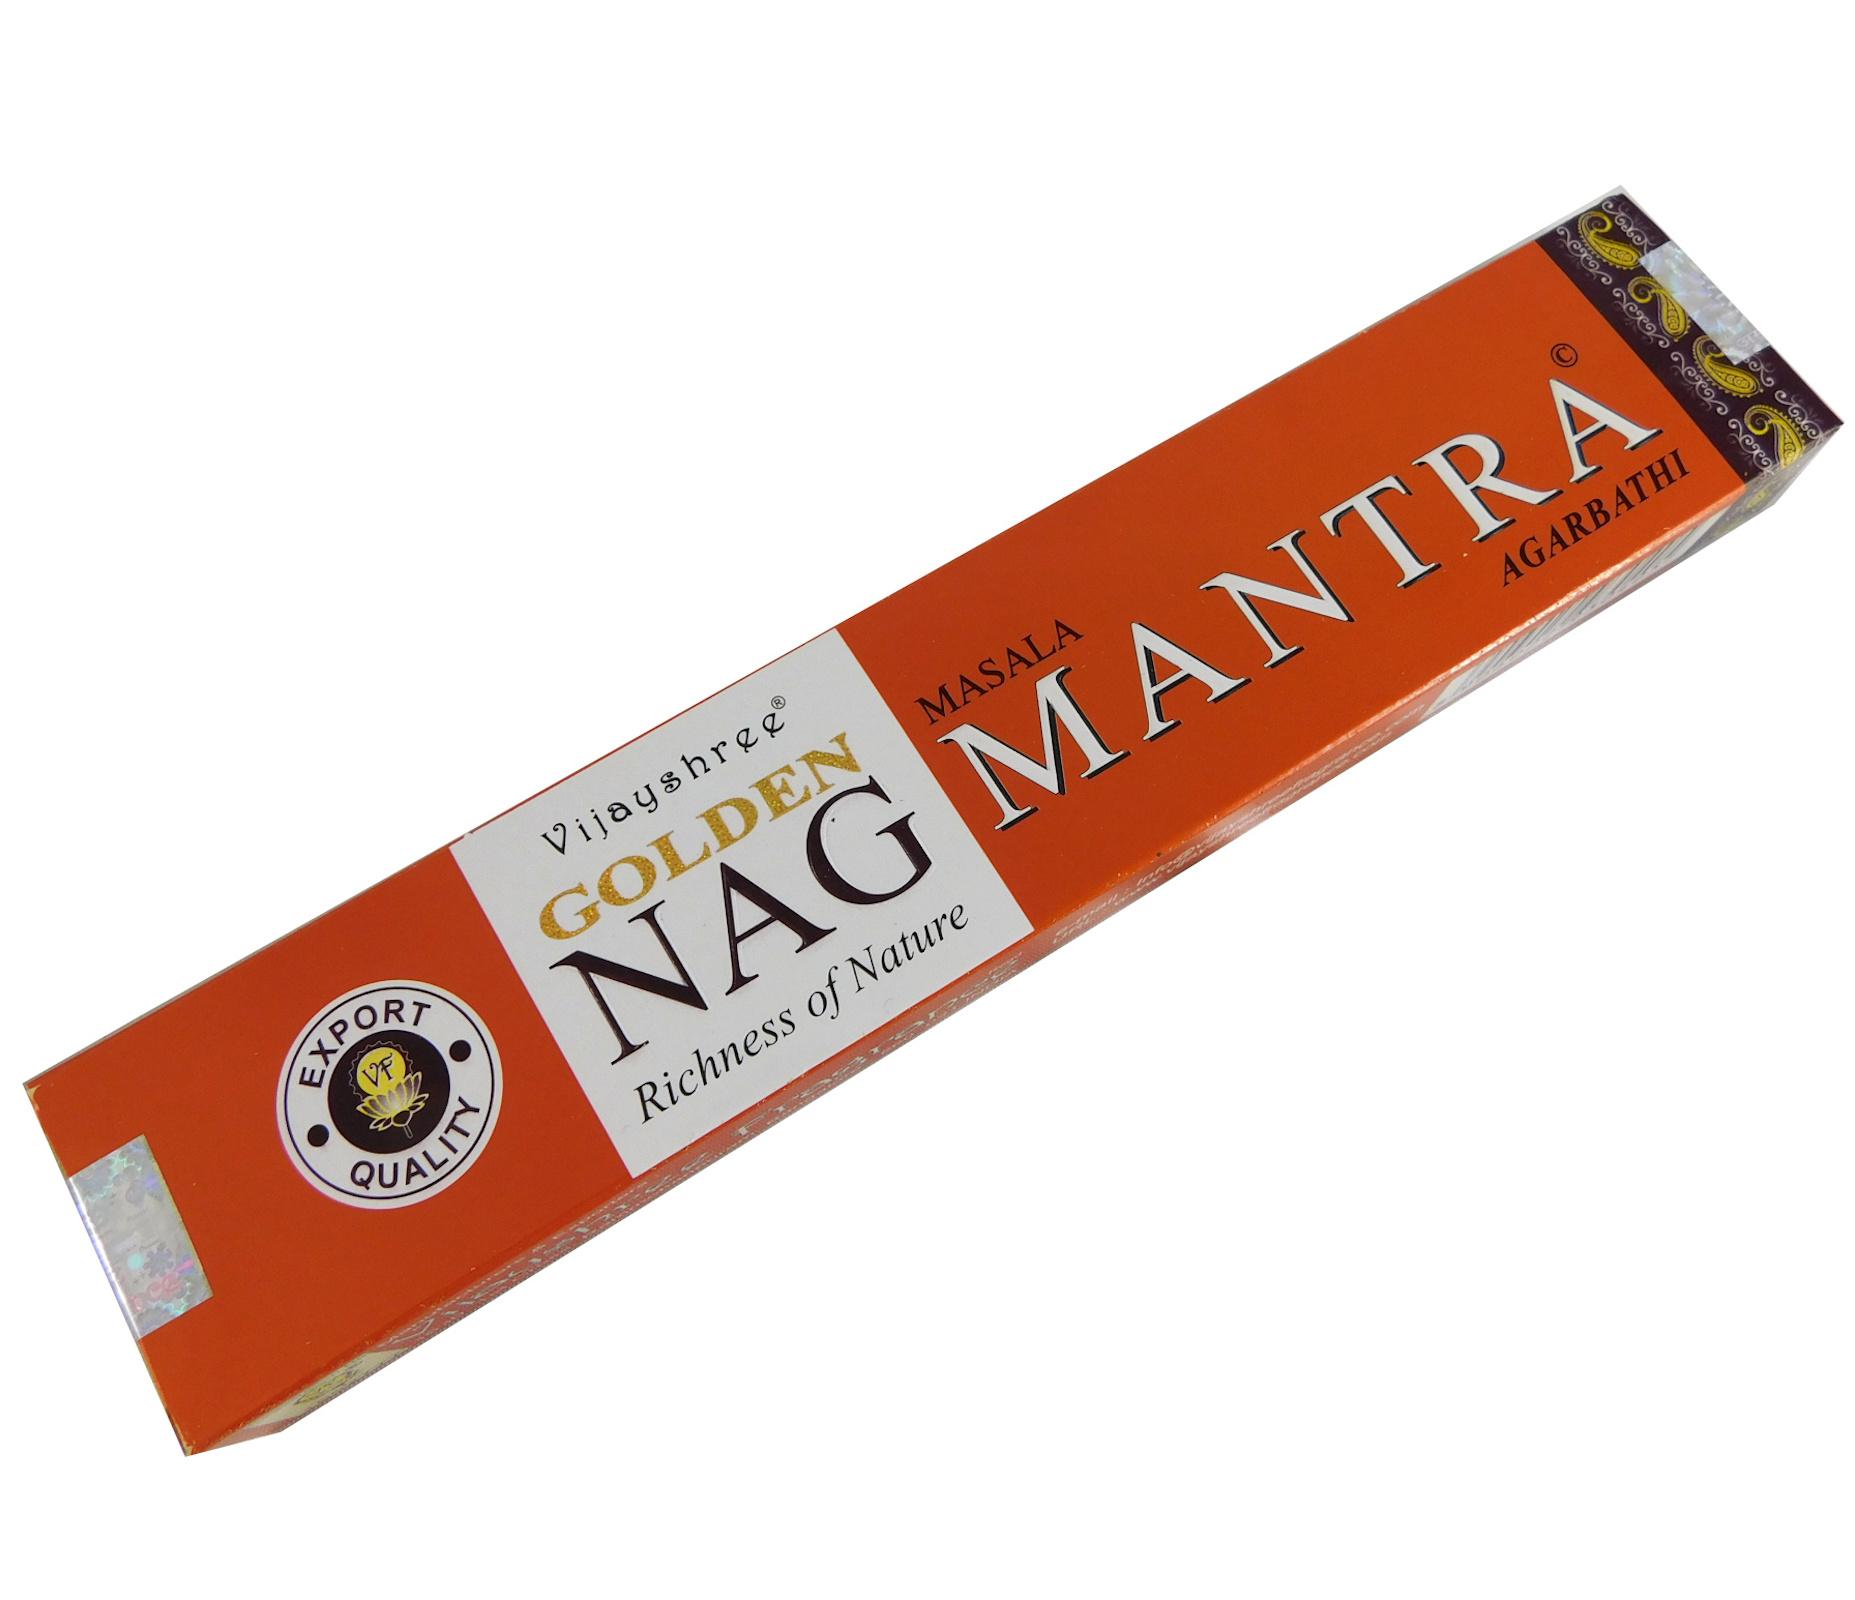 Räucherstäbchen Golden Nag Mantra von Vijayshree 15g Packung. Ca. 15 Incence Sticks